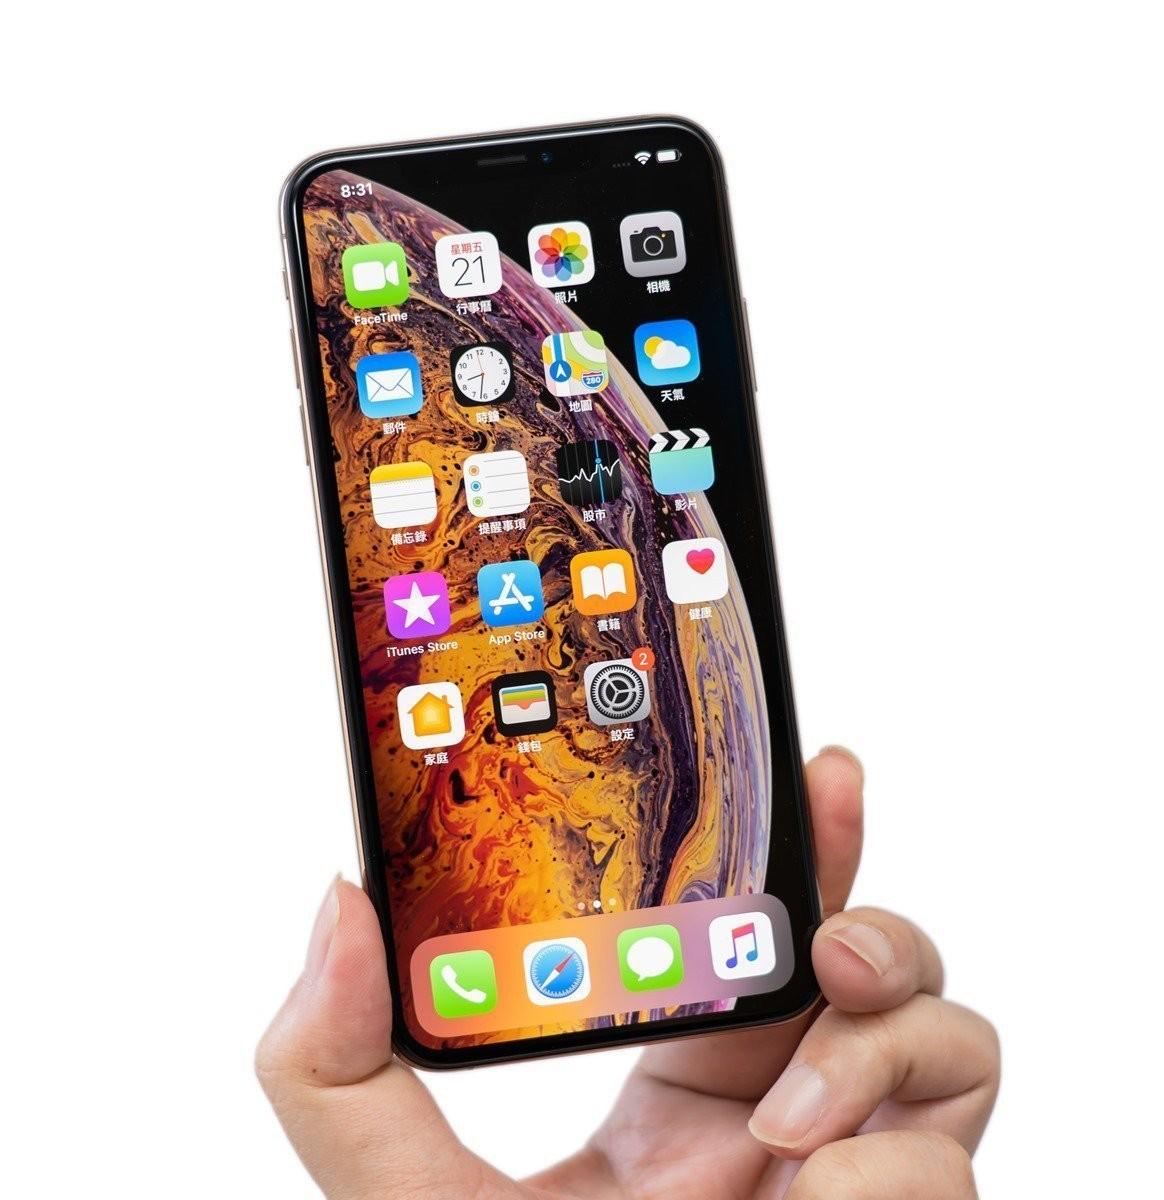 是史上最貴!台版 iPhone Xs Max 開箱 (金色機開箱),看看盒中有什麼?( iPhone Xs Max unboxing)這篇文章的首圖